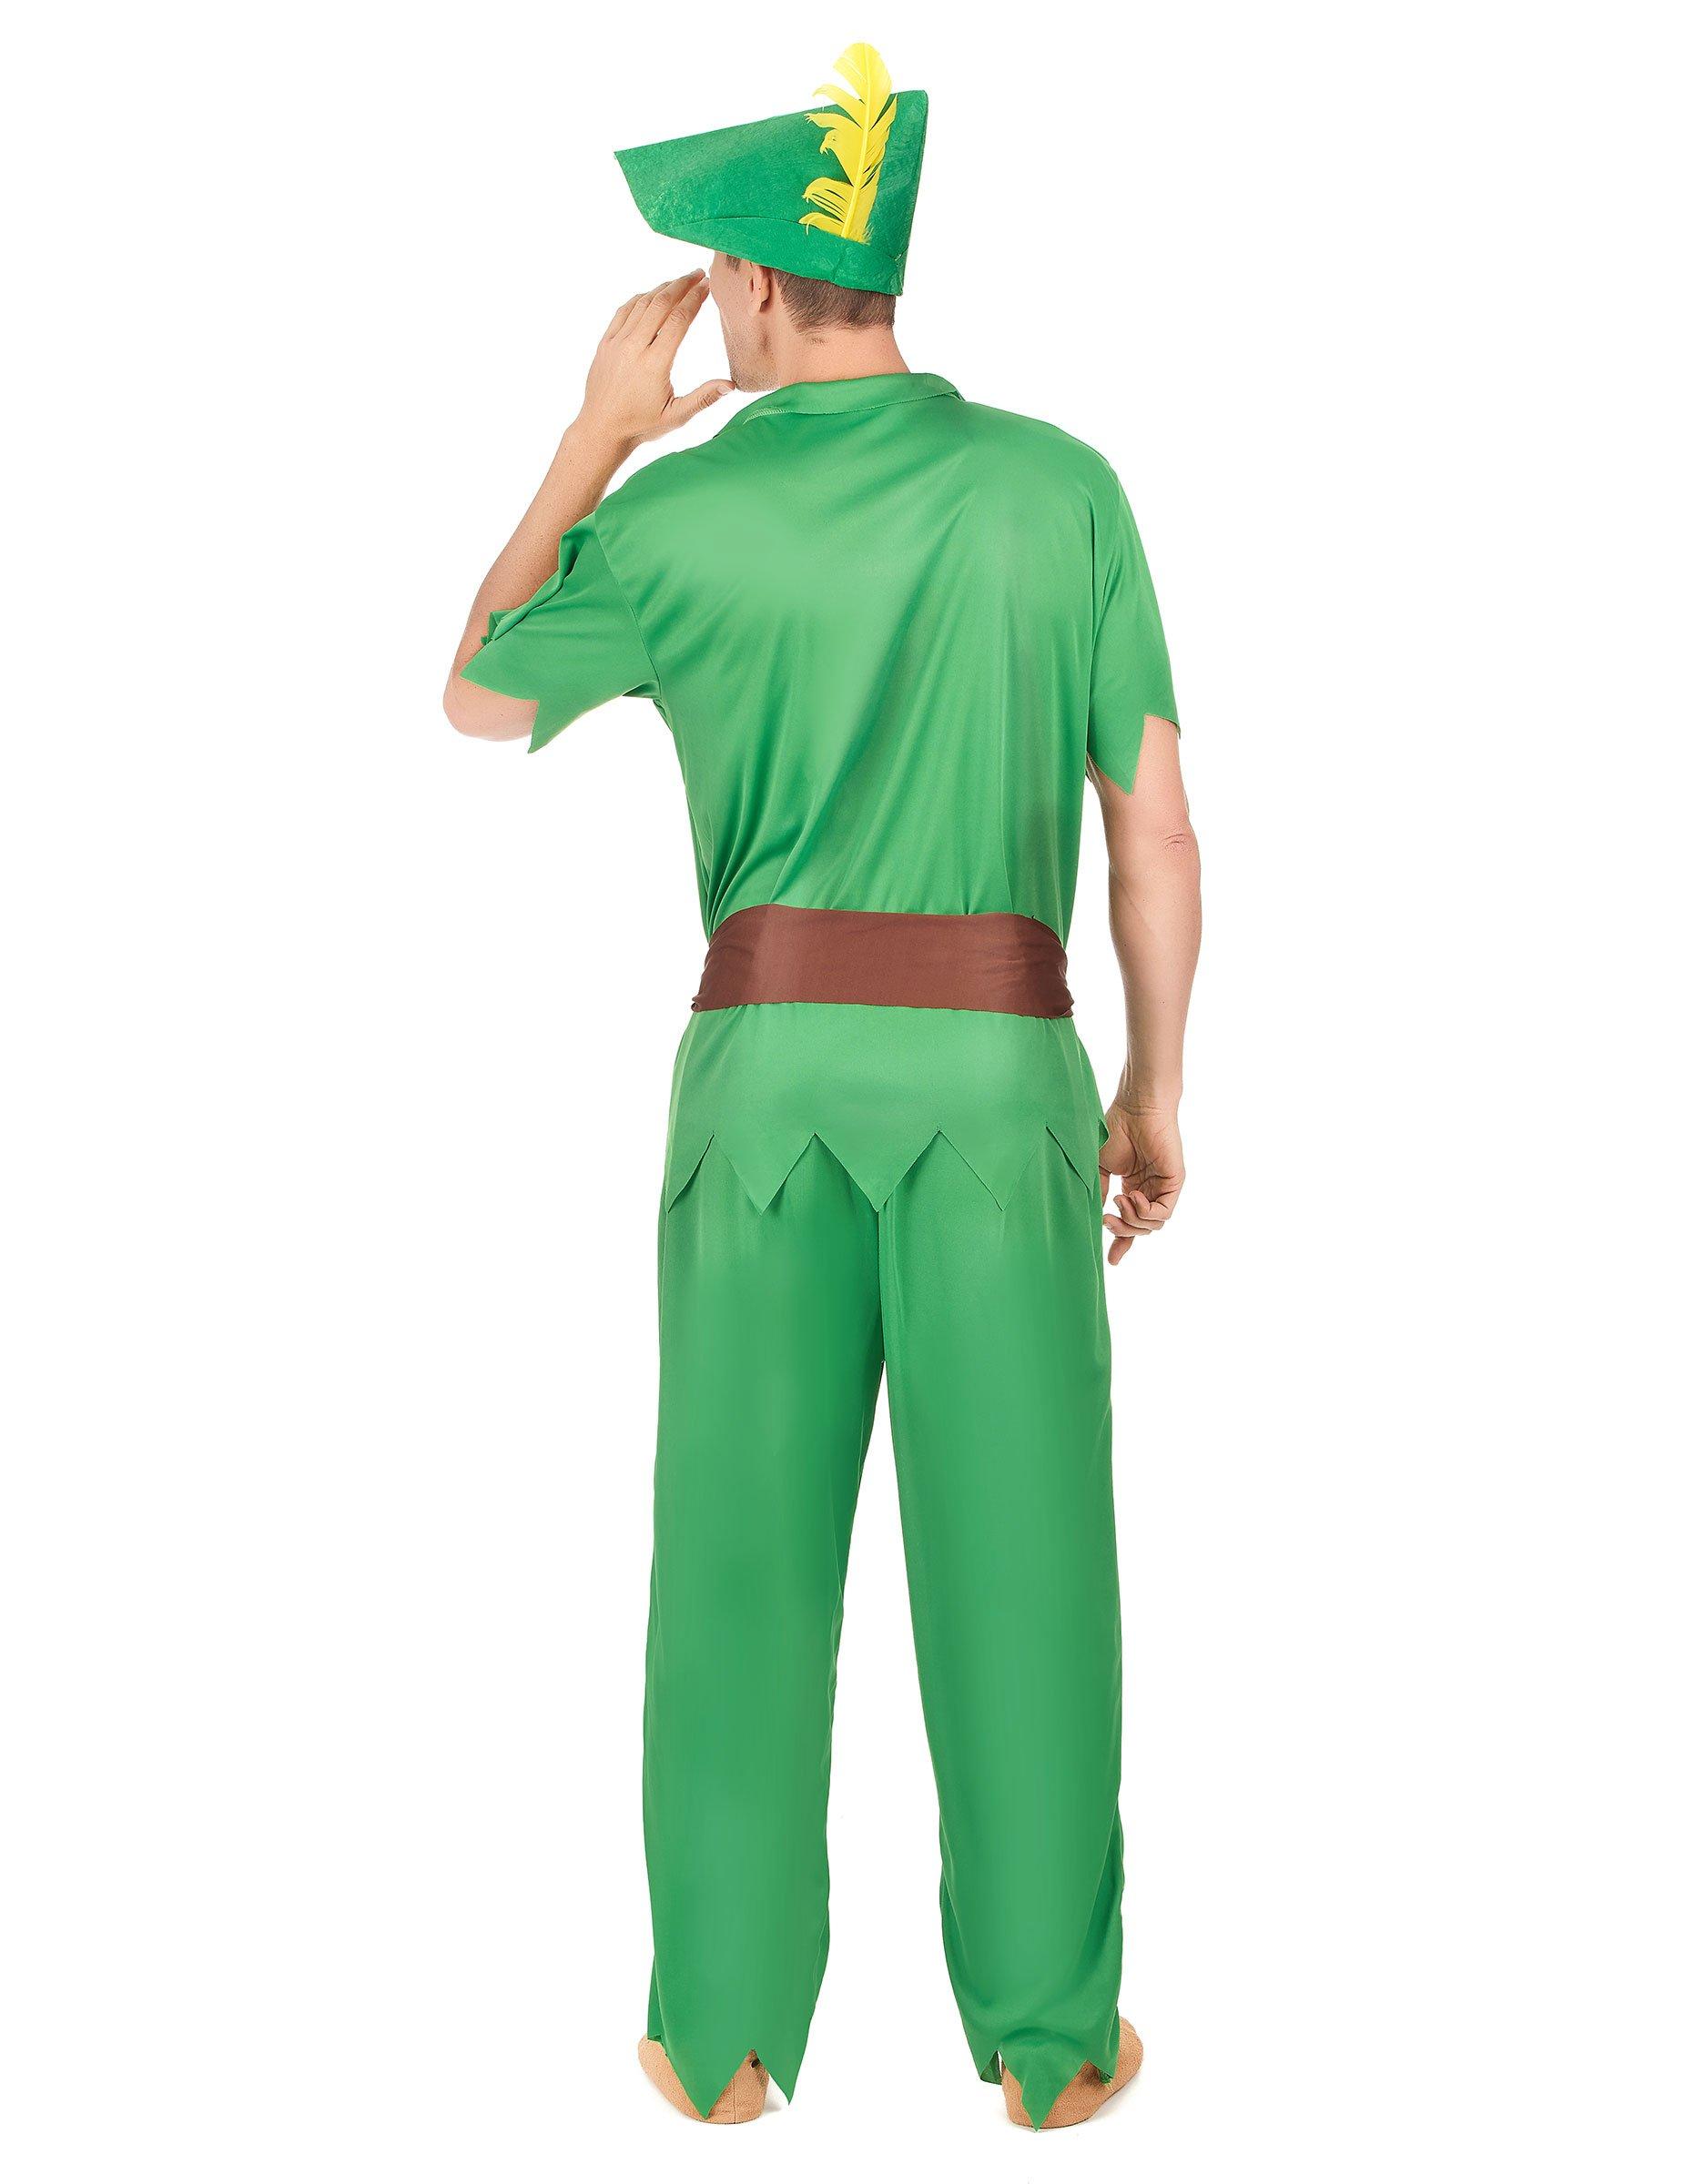 Waldmann Kostüm Für Herren Grün Günstige Faschings Kostüme Bei